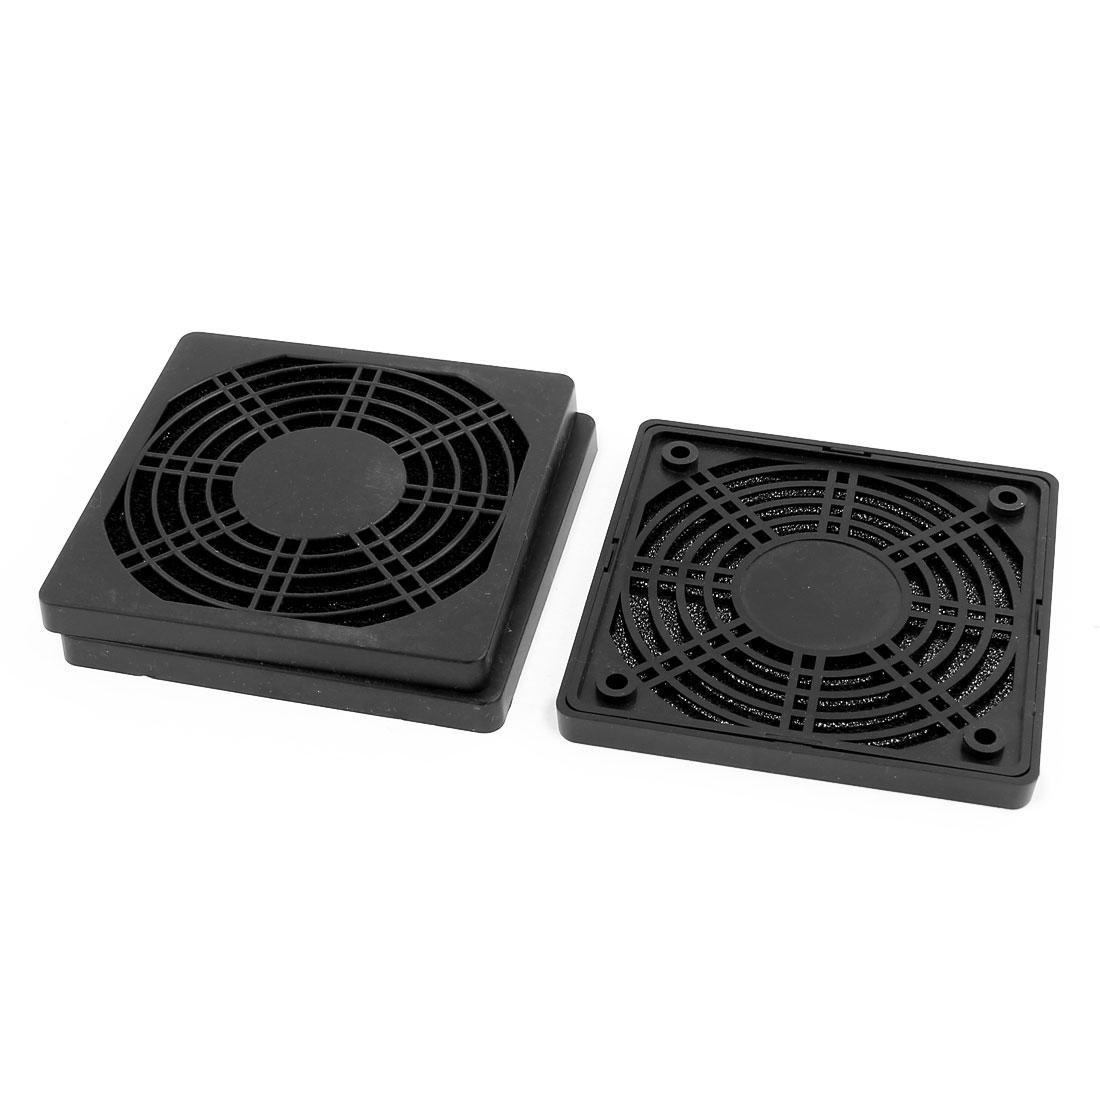 3pcs 115mm x 115mm Dustproof Case PC Computer Case Fan Dust Filter